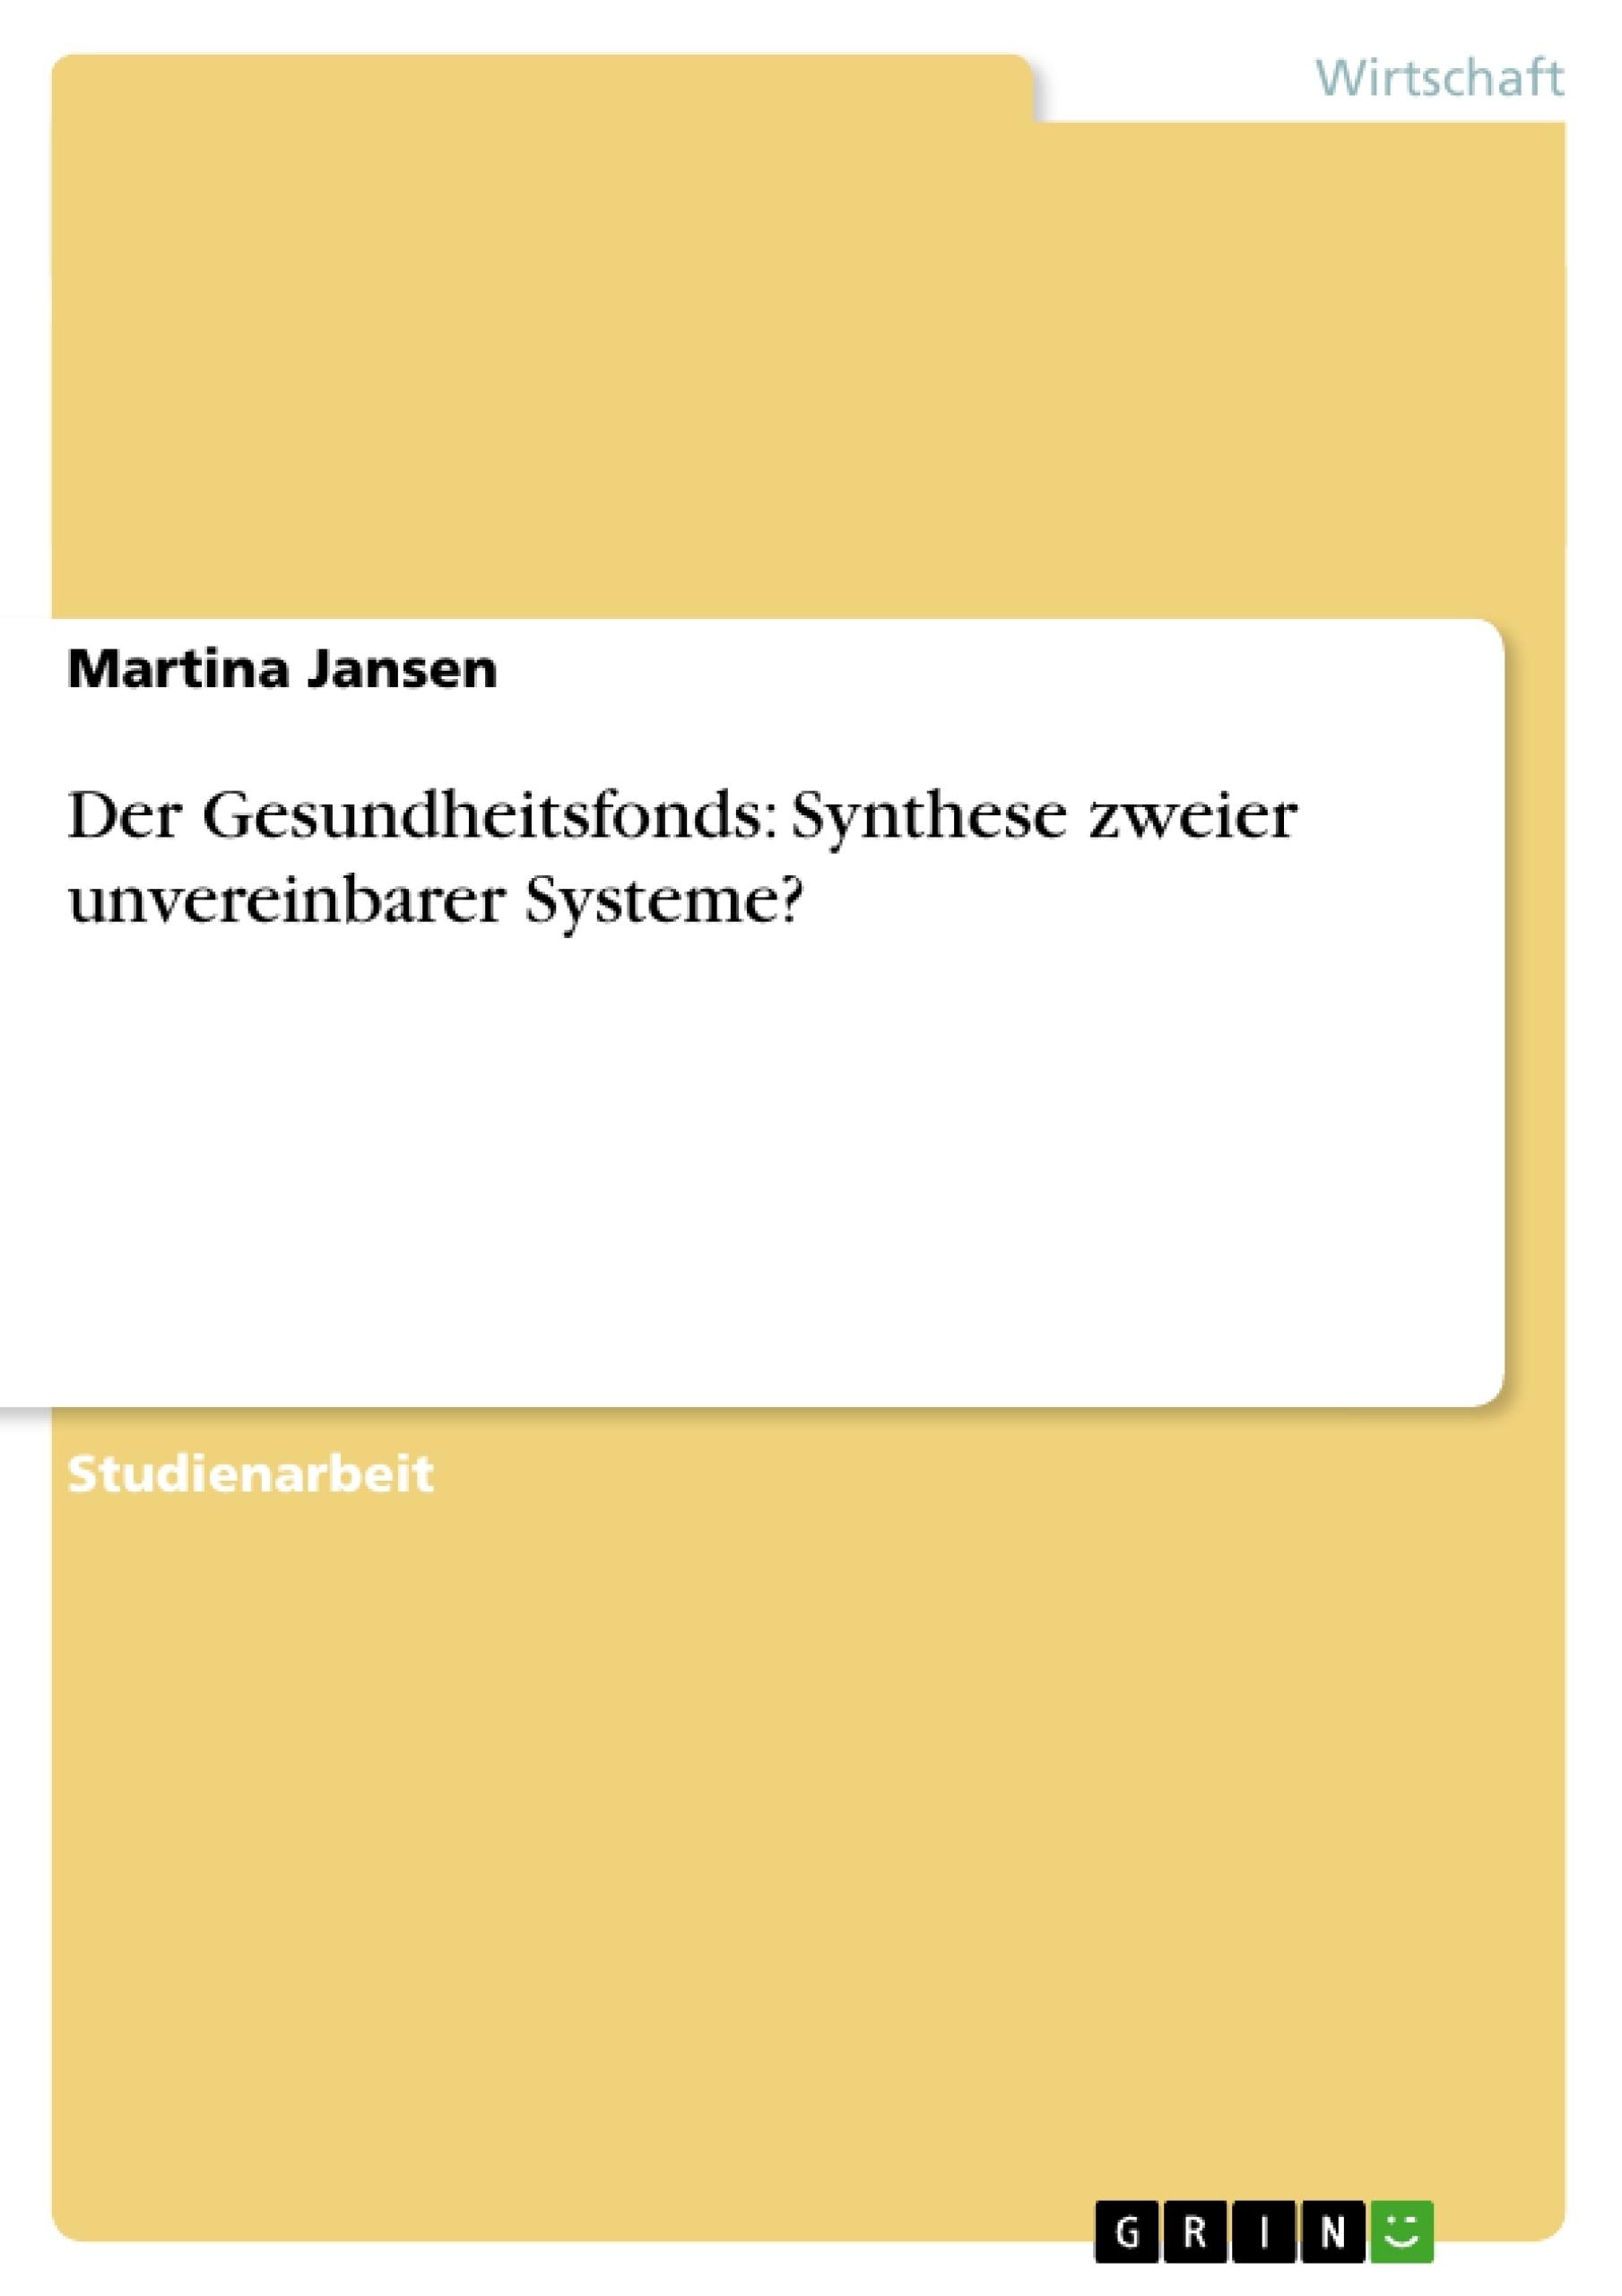 Titel: Der Gesundheitsfonds: Synthese zweier unvereinbarer Systeme?